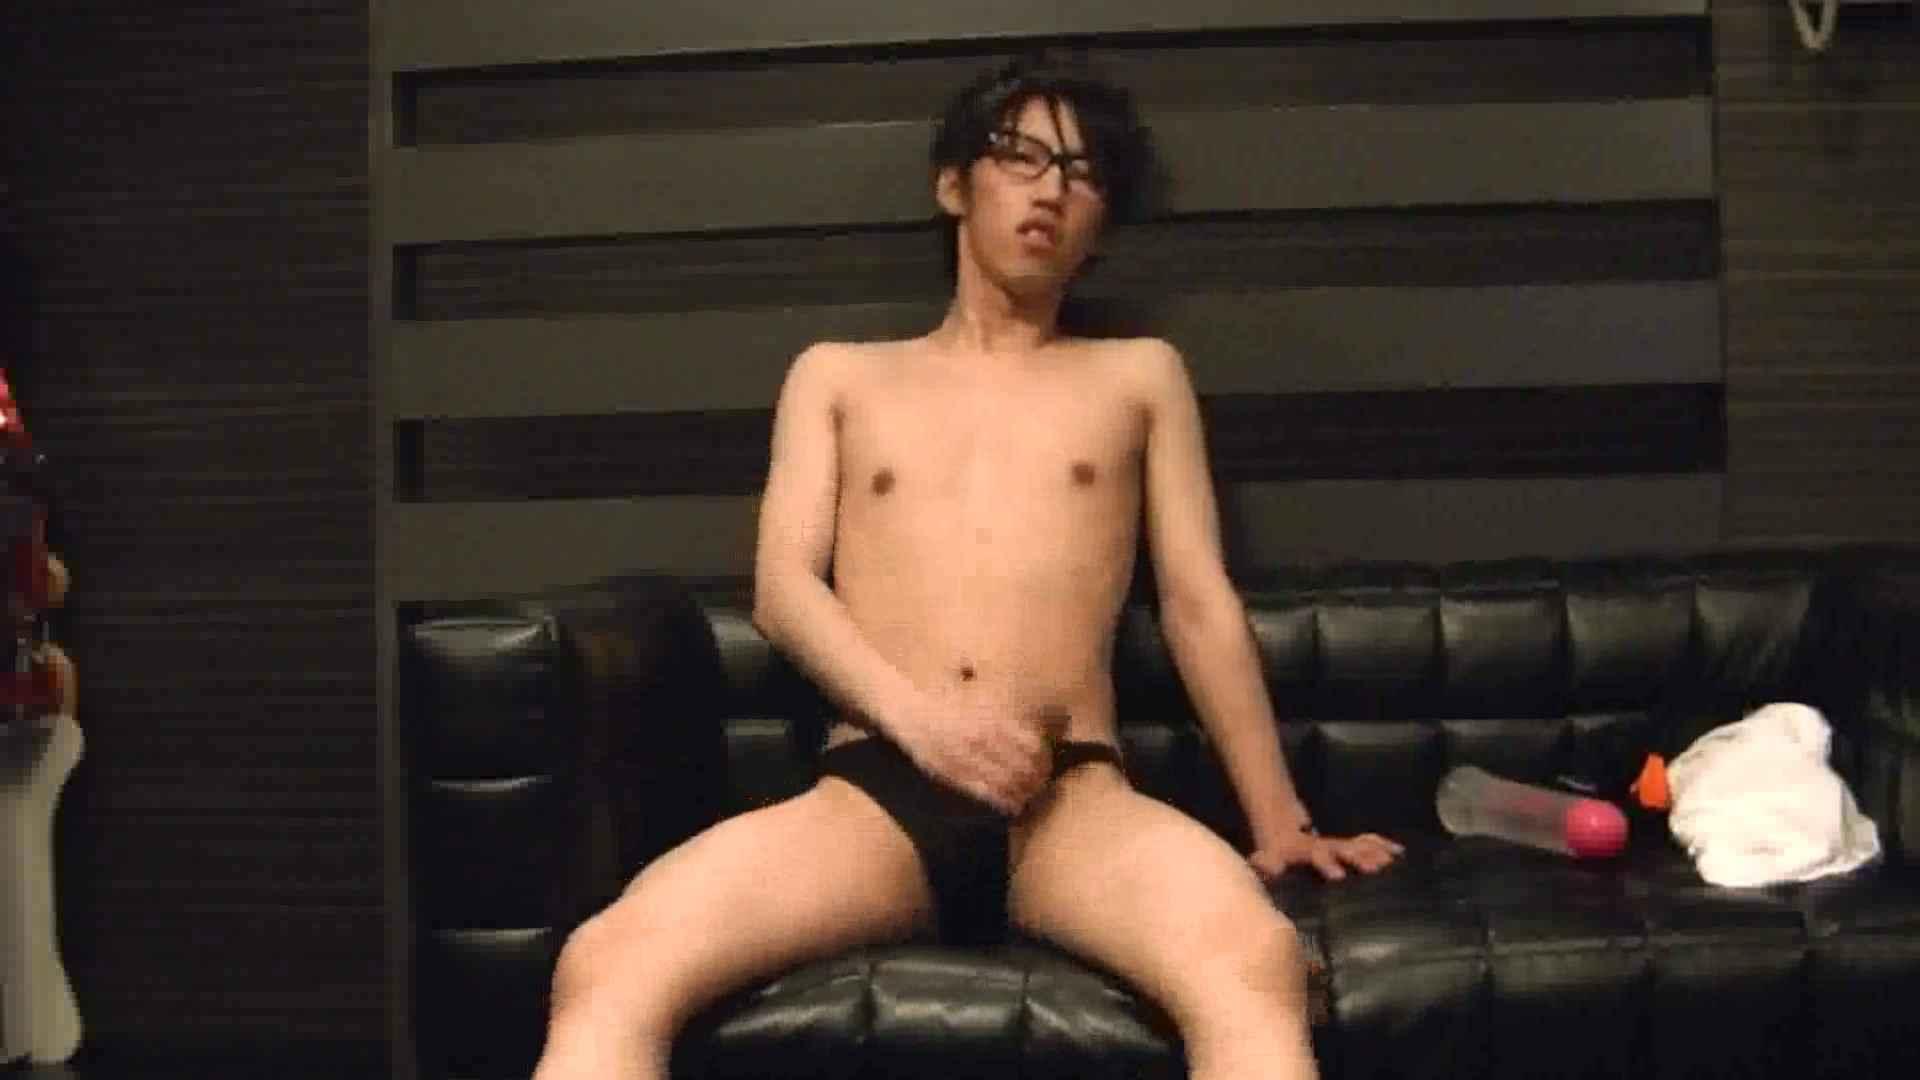 ONA見せカーニバル!! Vol3 オナニー ゲイフリーエロ画像 72pic 38